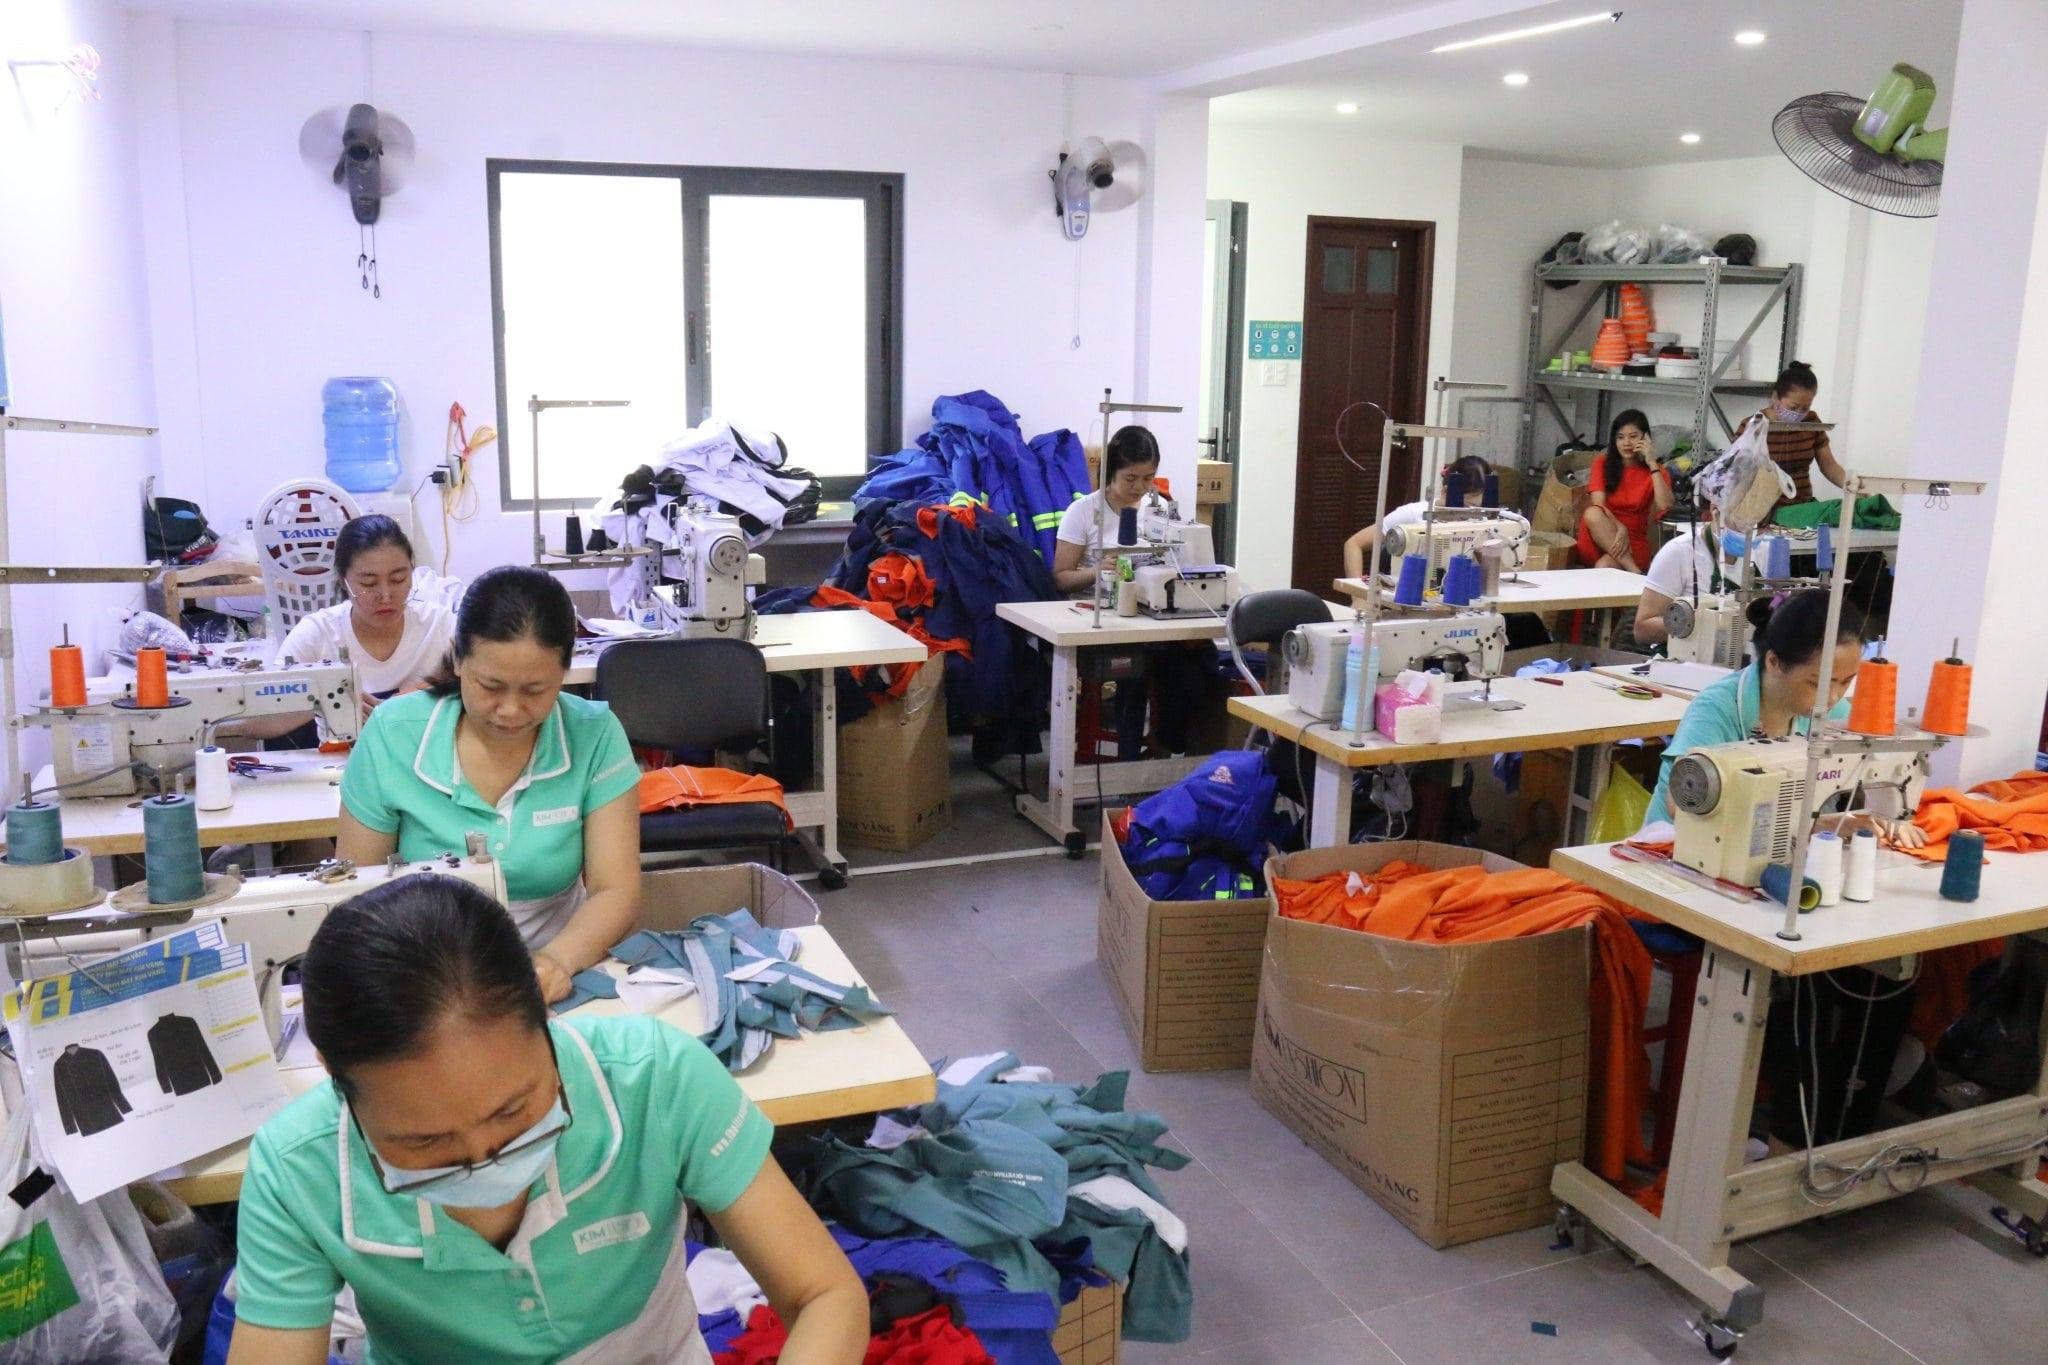 Bật Mí Cách Chọn May Áo Thun Kiểu Nữ Cho Dân Công Sở Đẹp Nhất